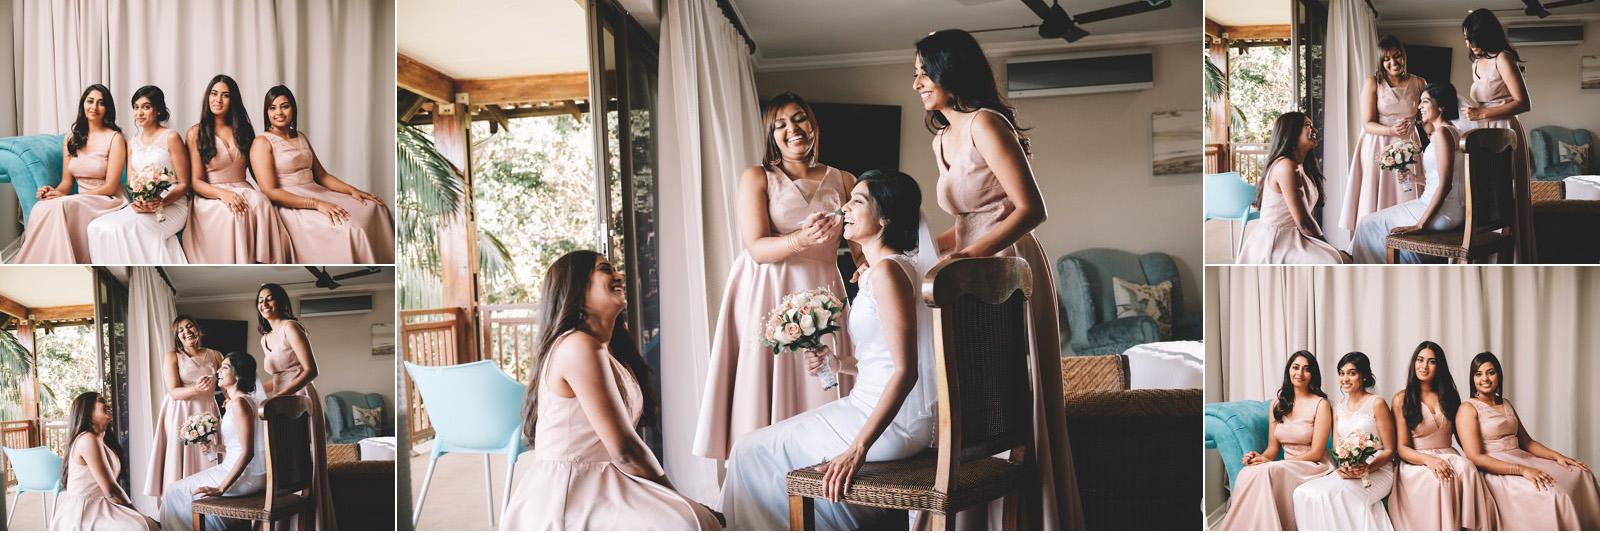 meandor manor wedding rbadal bride getting ready